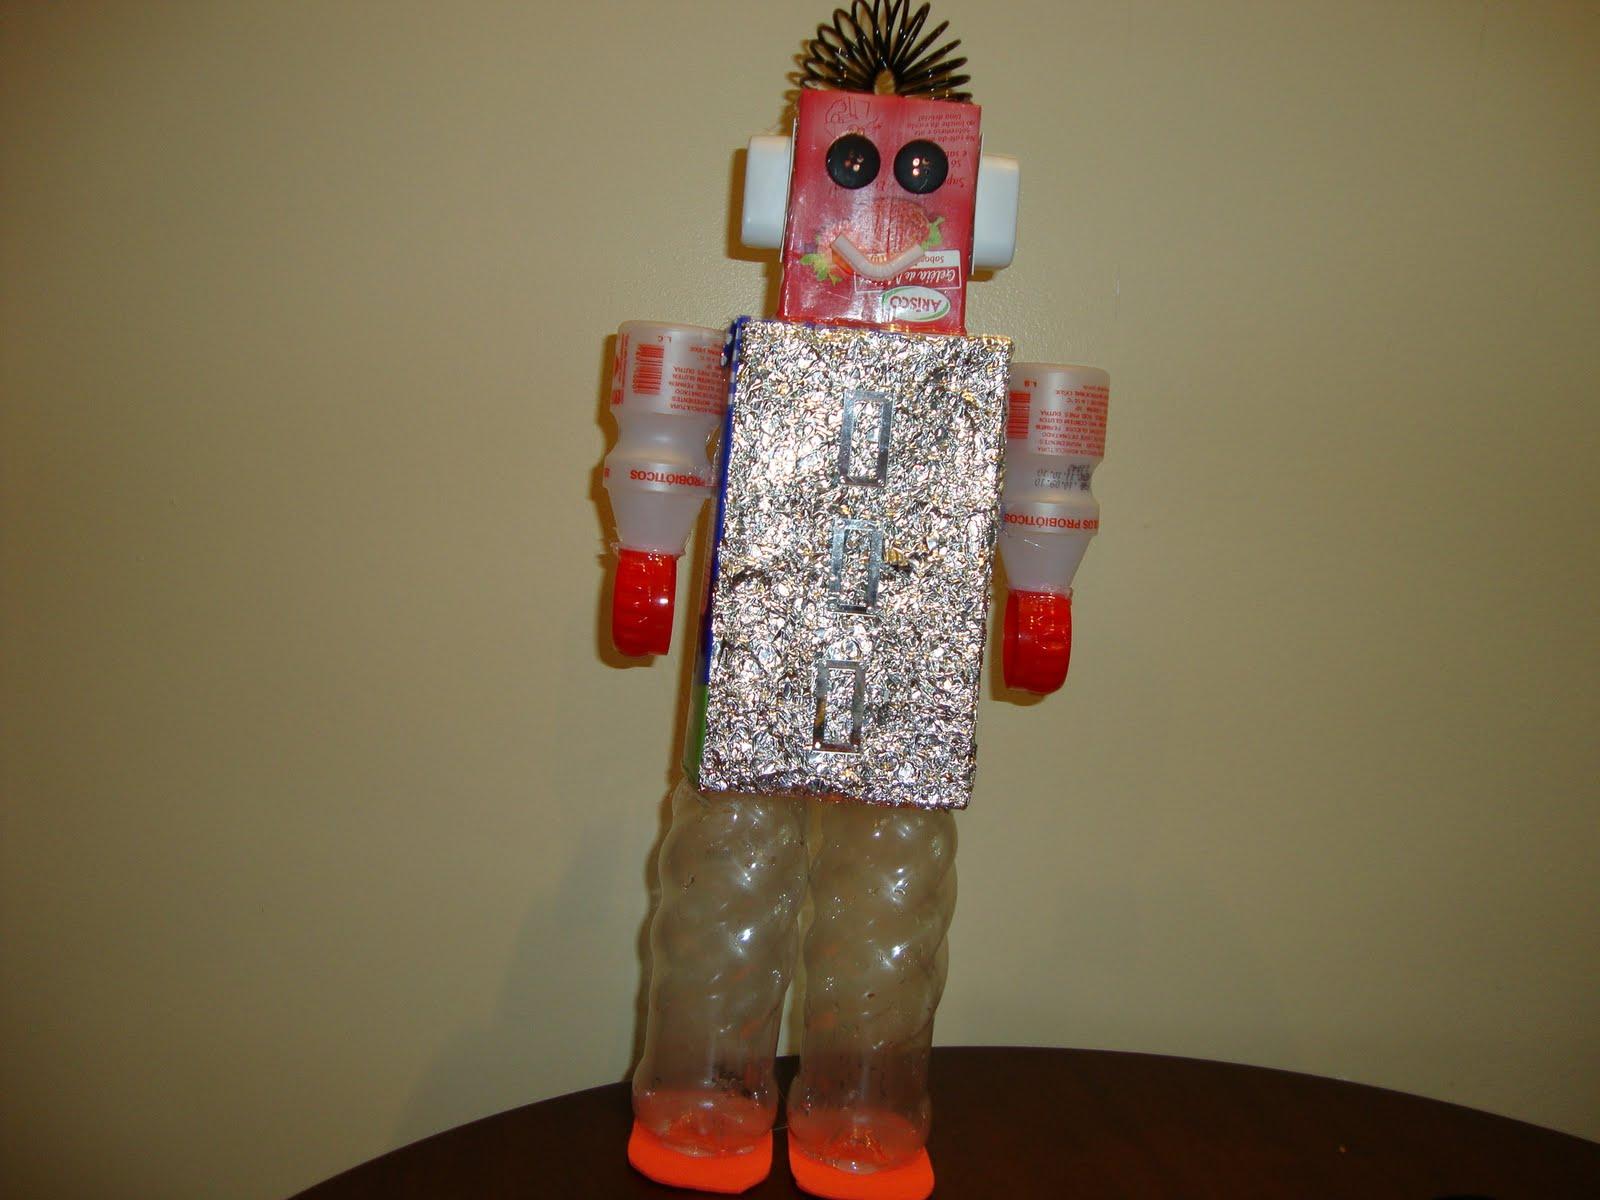 Muitas vezes Informatica Educativa: Trabalho de Robótica - Material Reciclado QN36